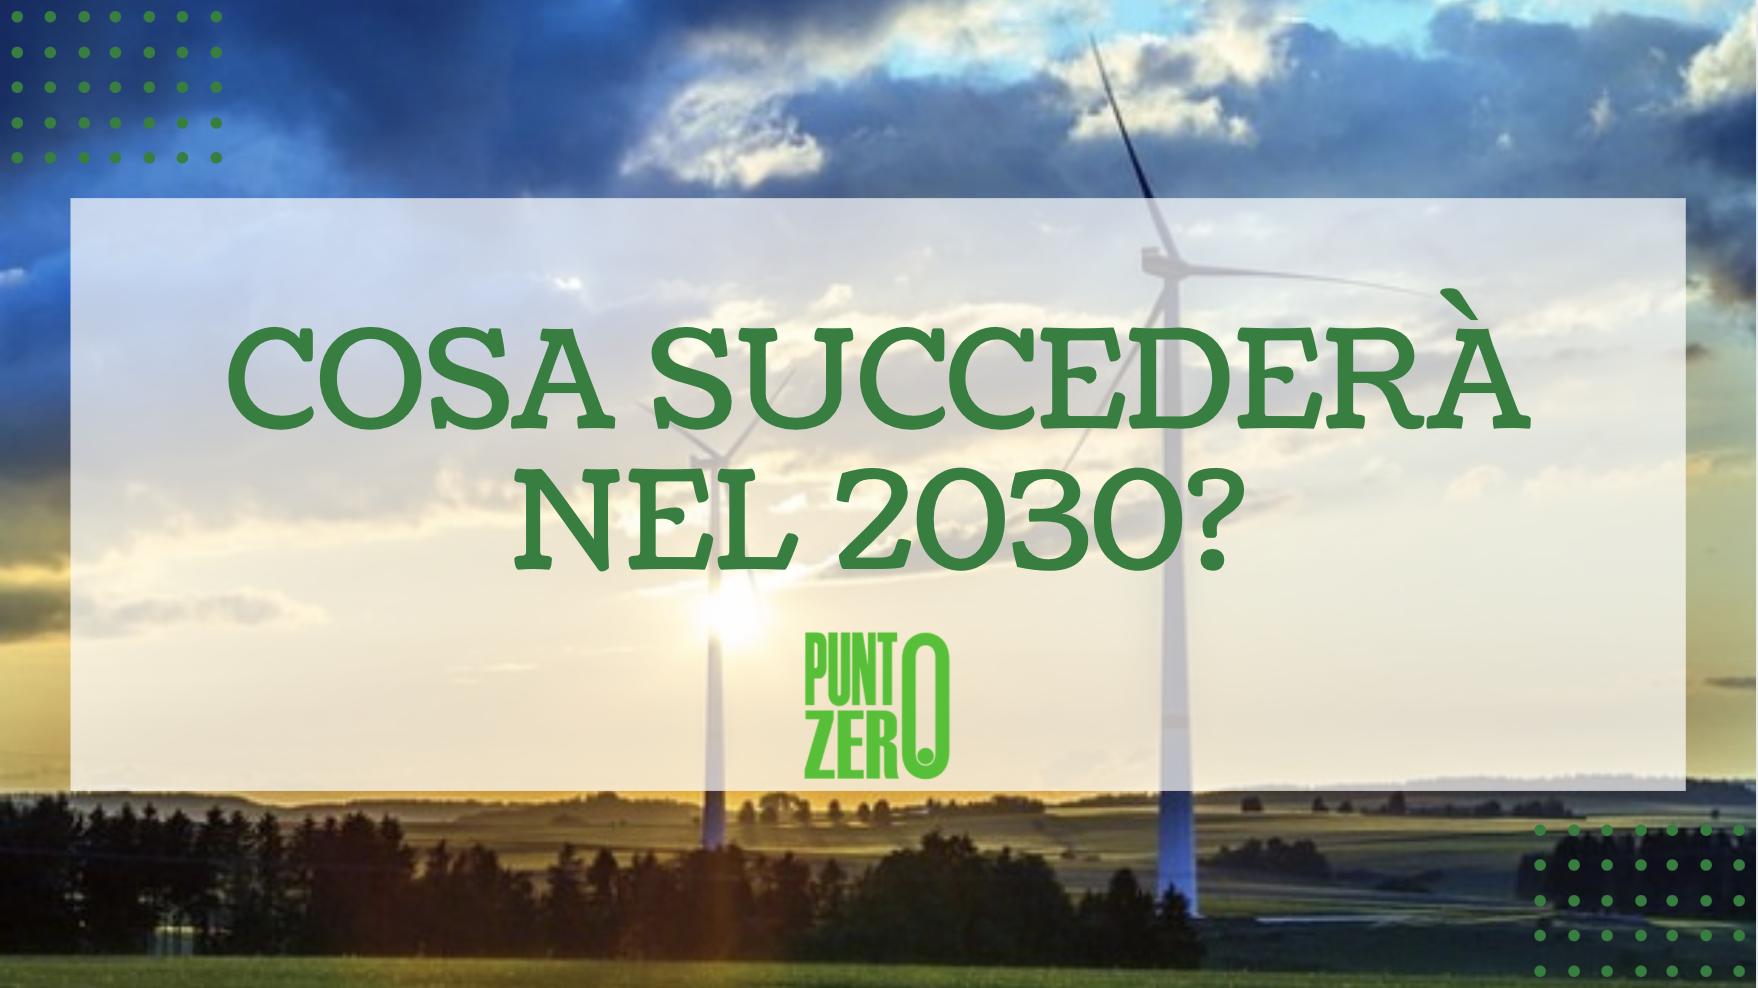 2030 cosa succederà - inquinamento